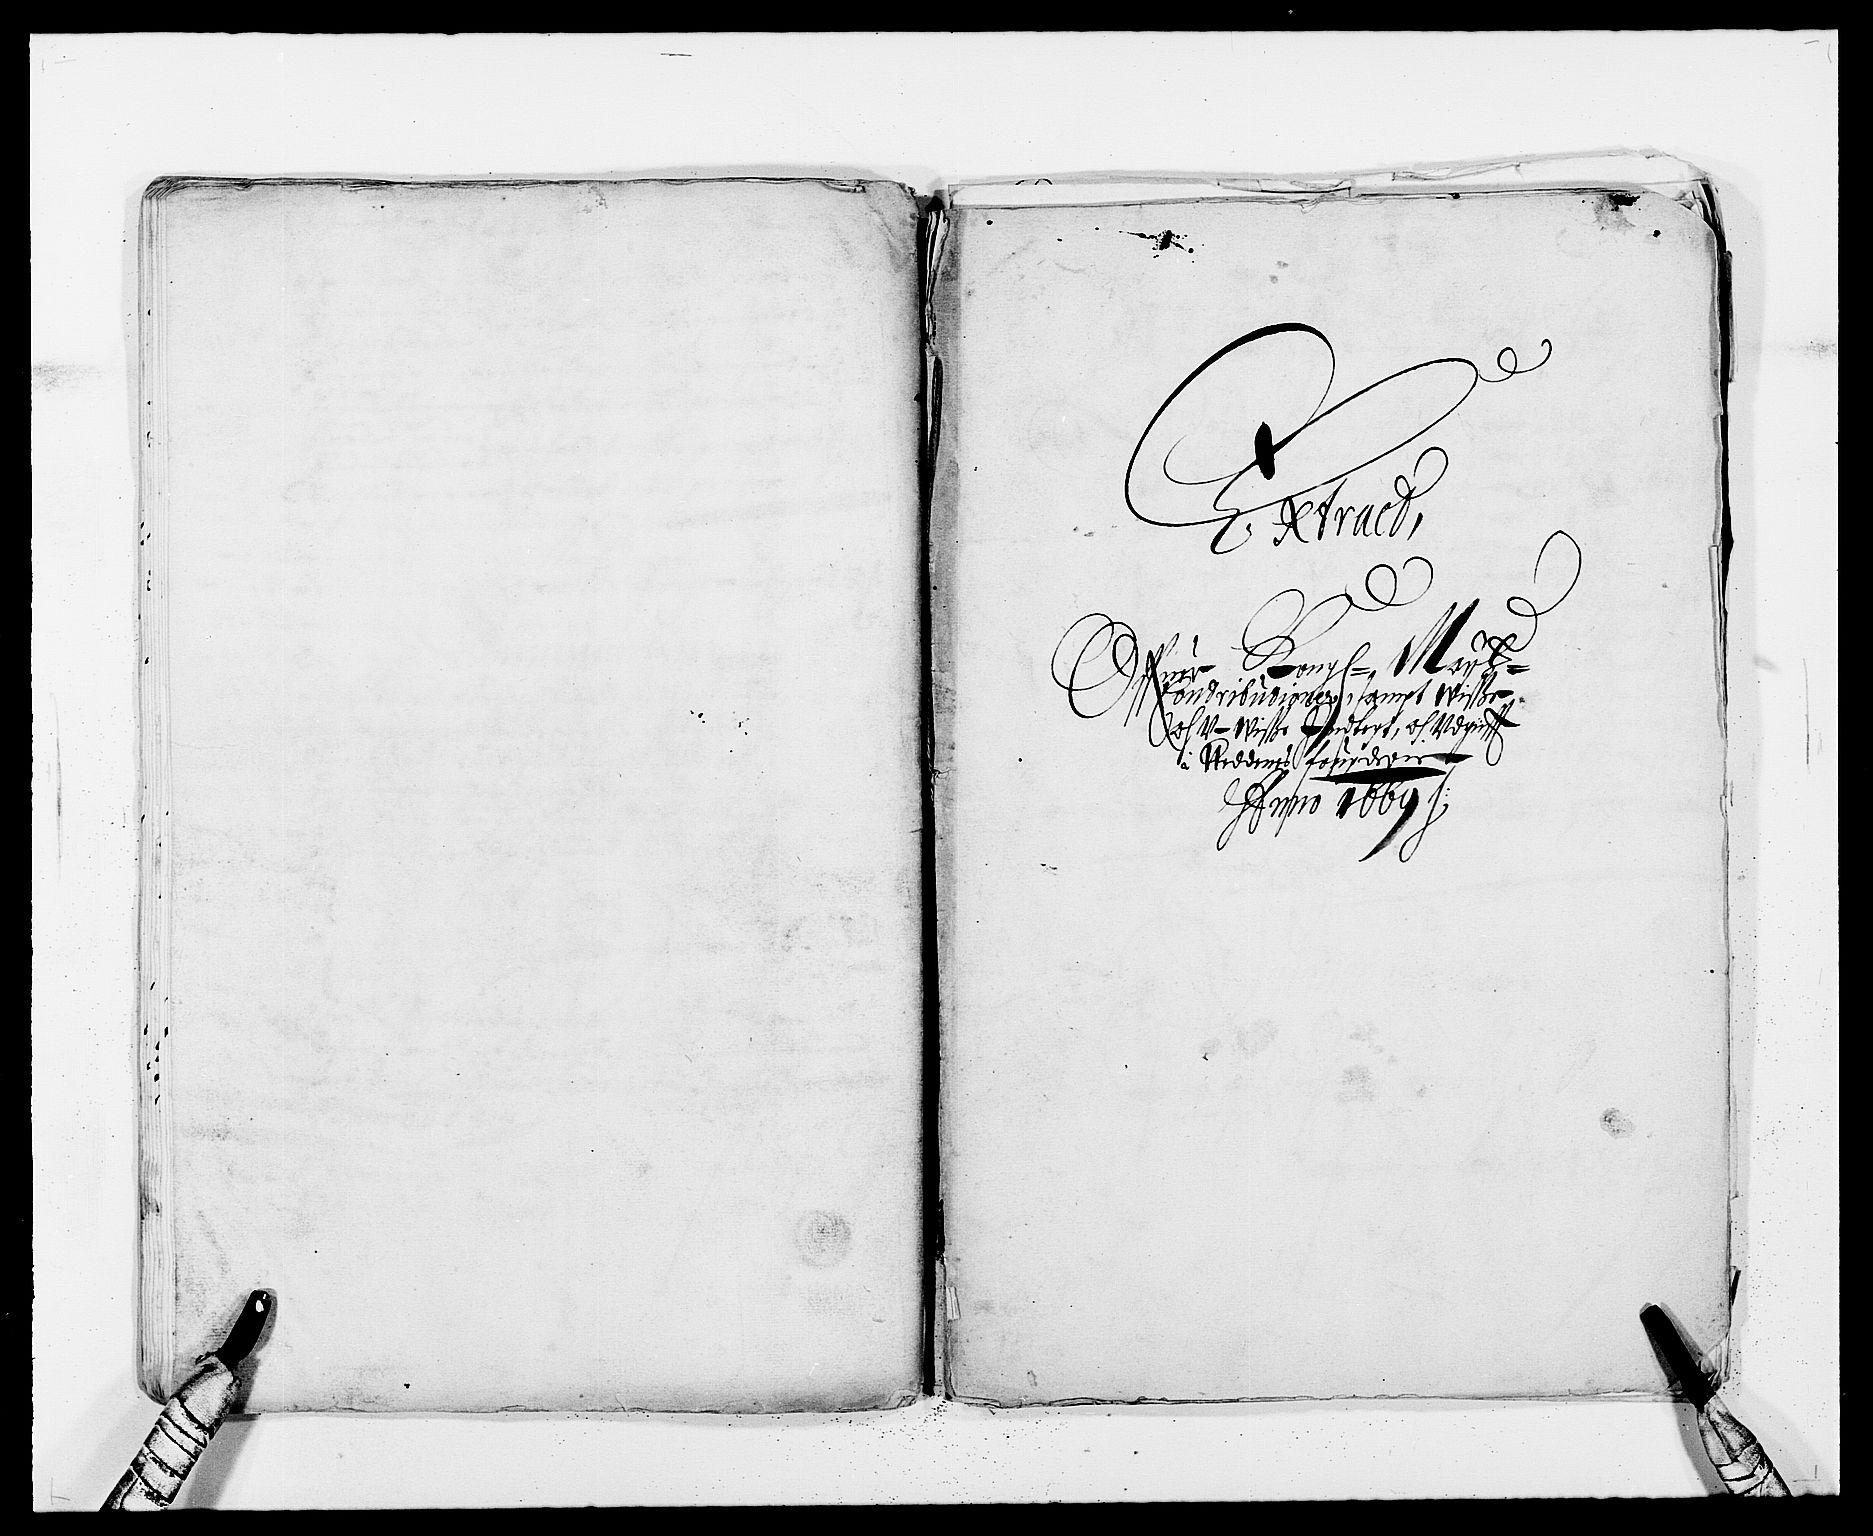 RA, Rentekammeret inntil 1814, Reviderte regnskaper, Fogderegnskap, R39/L2298: Fogderegnskap Nedenes, 1667-1669, s. 132